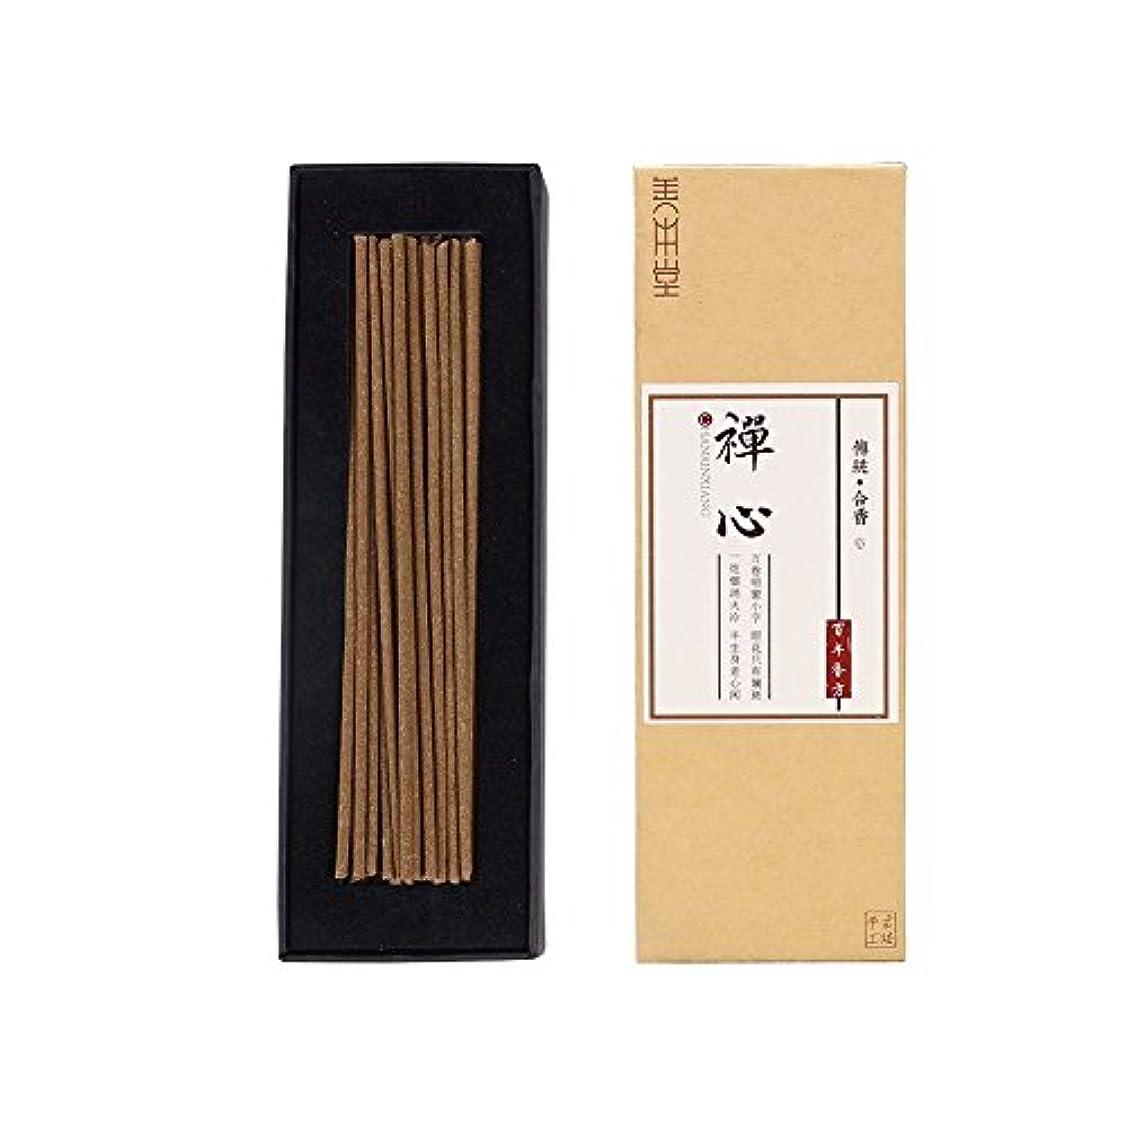 強盗残基カップお香 善本堂天然の手作り線香 (14cm 50本入)